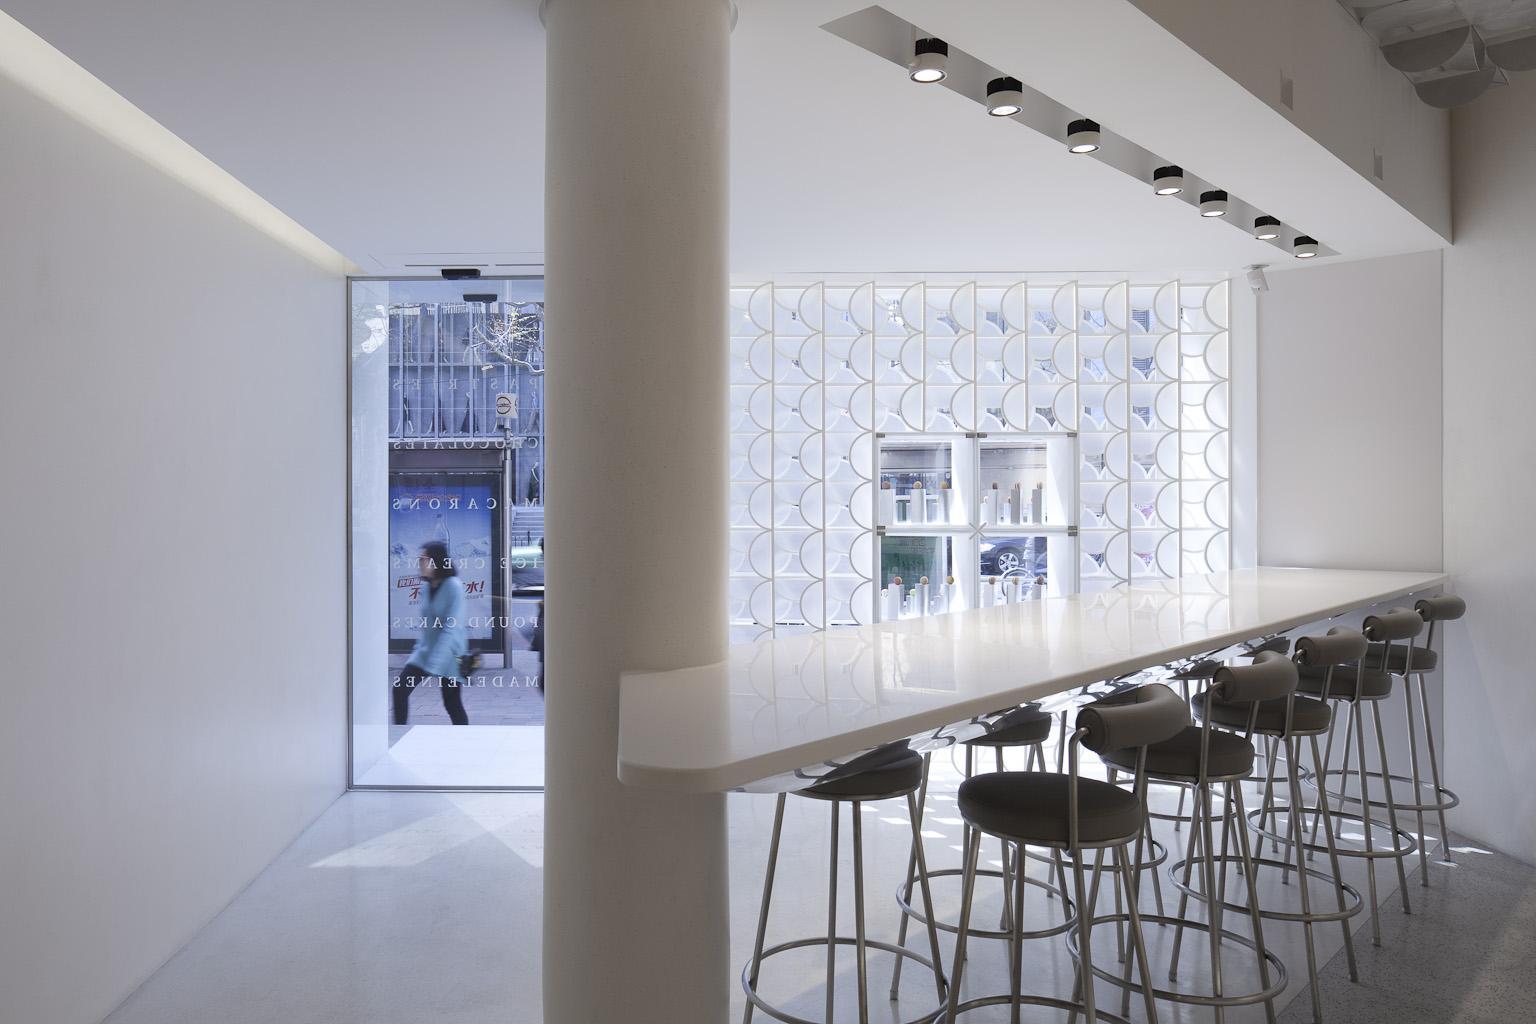 طراحی دکوراسیون مغازه و فروشگاه شیرینی پزی